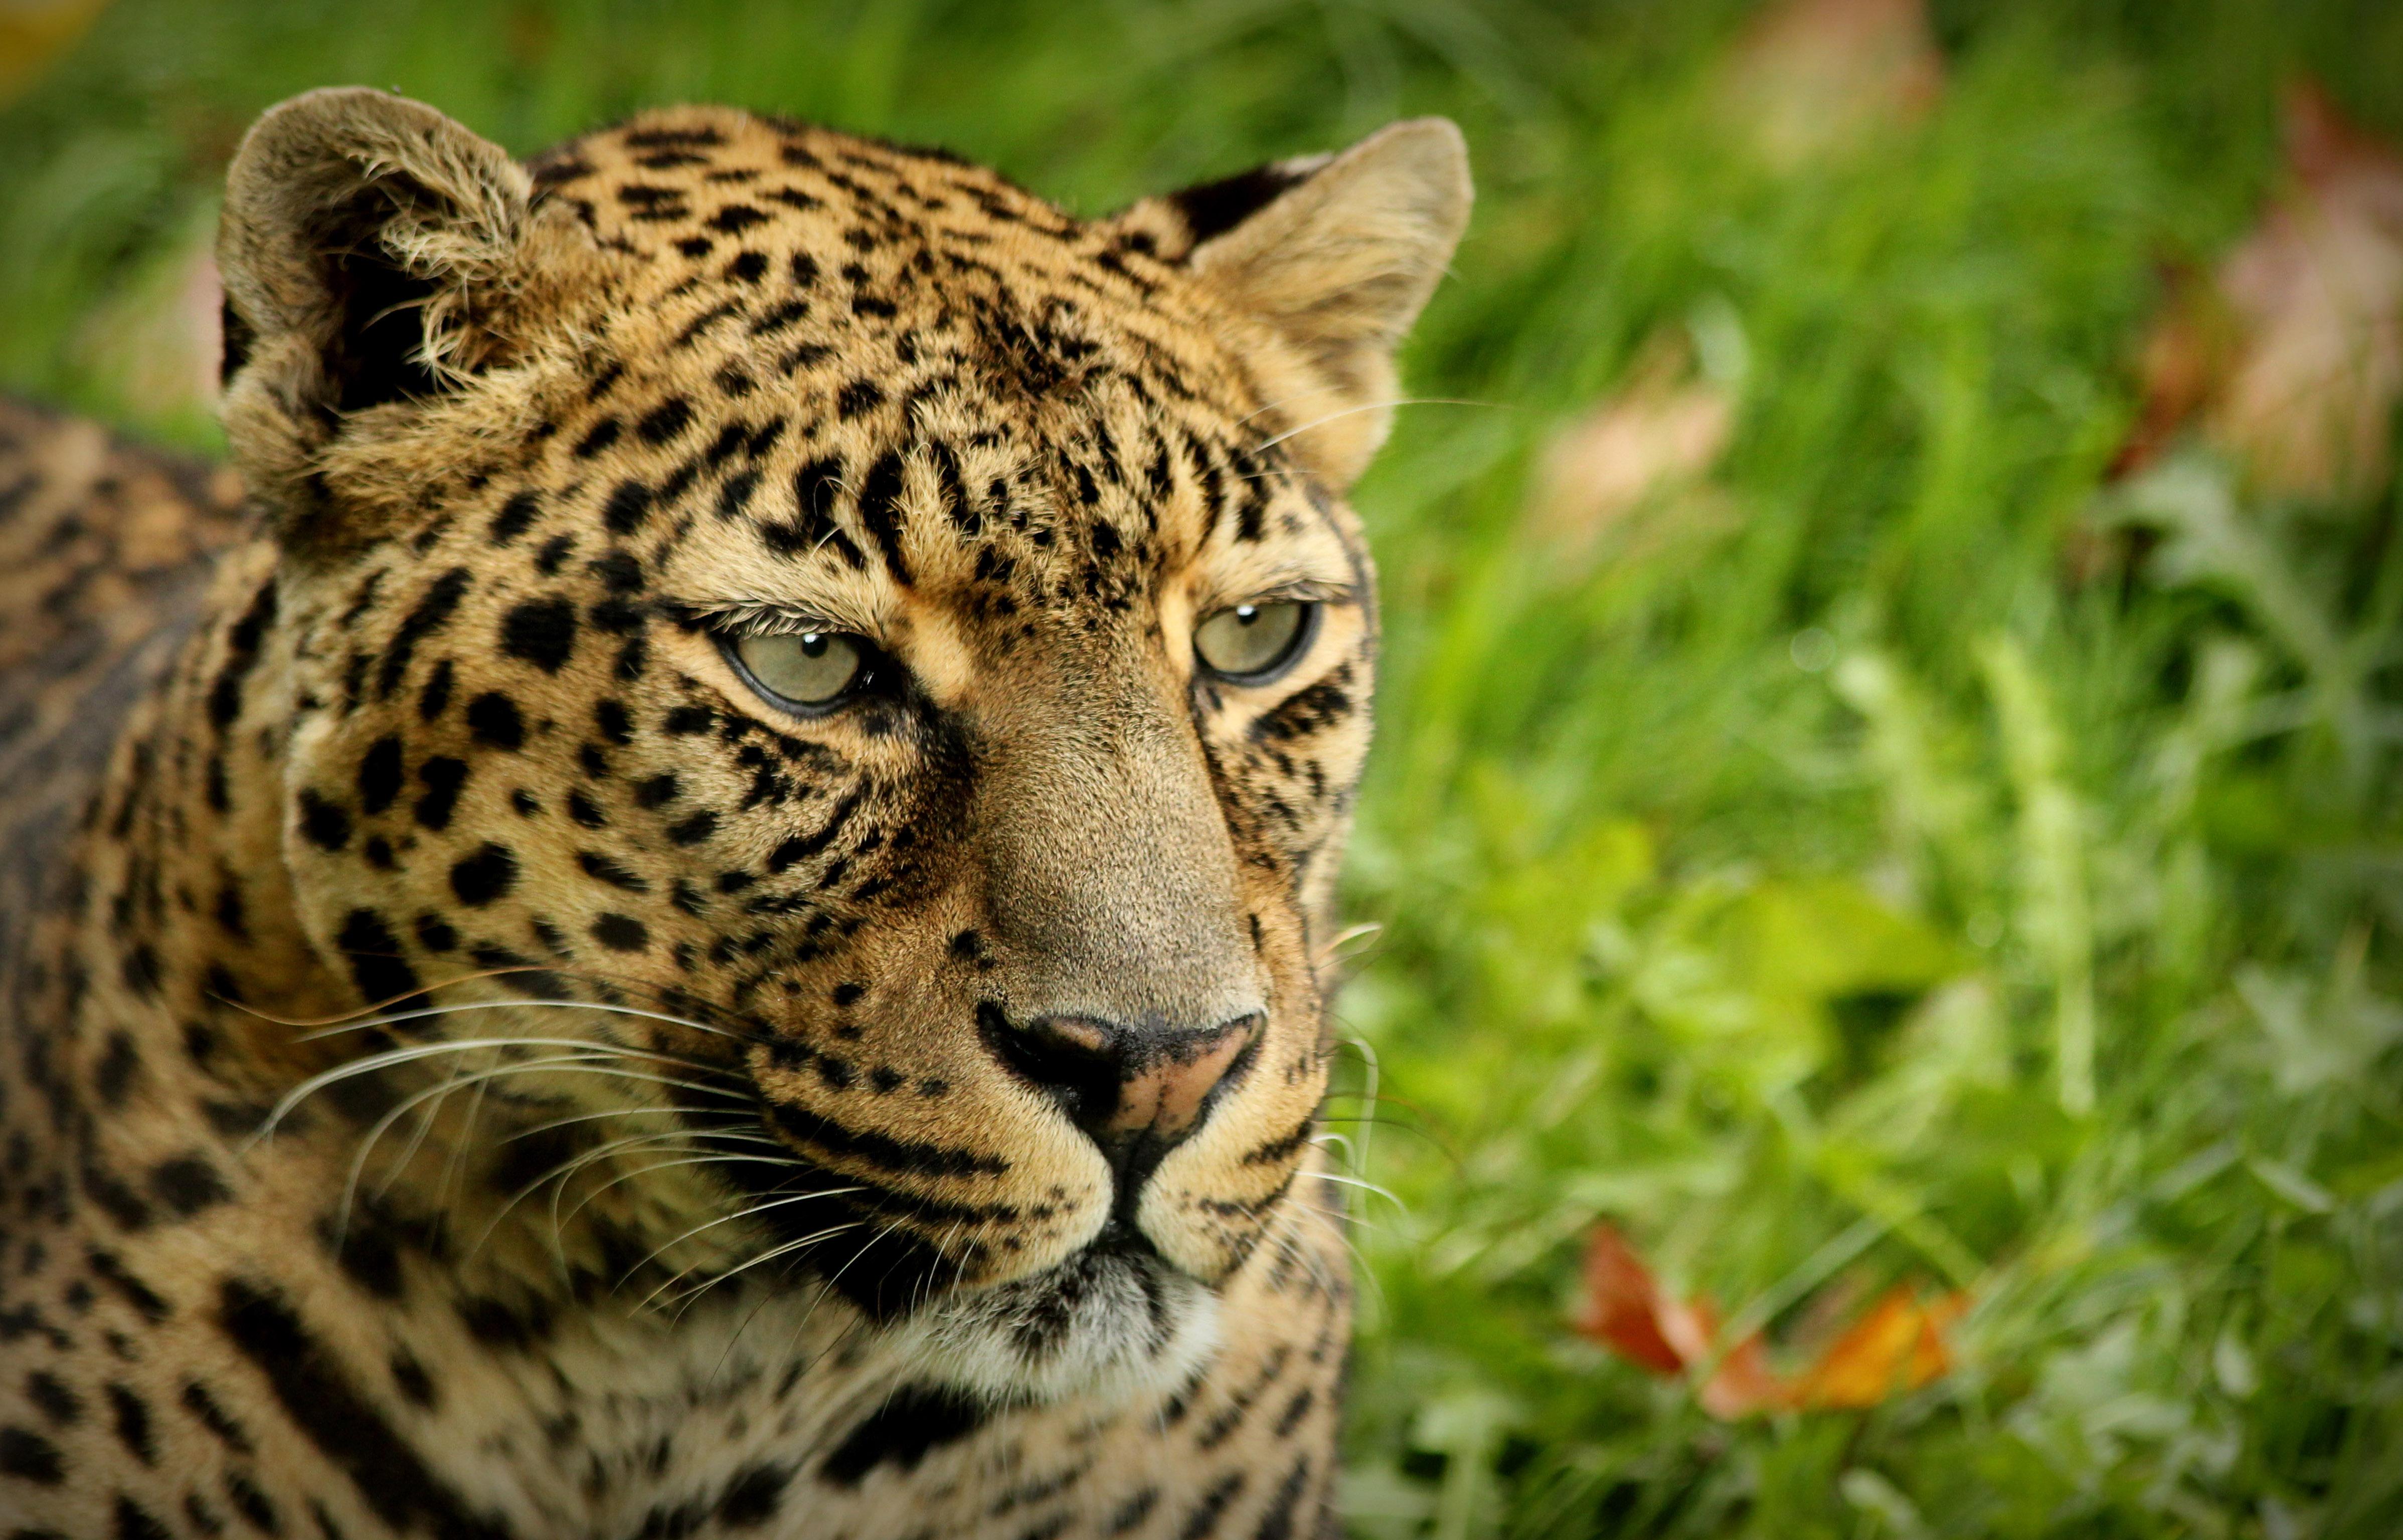 Leopard By Pixel Revolution